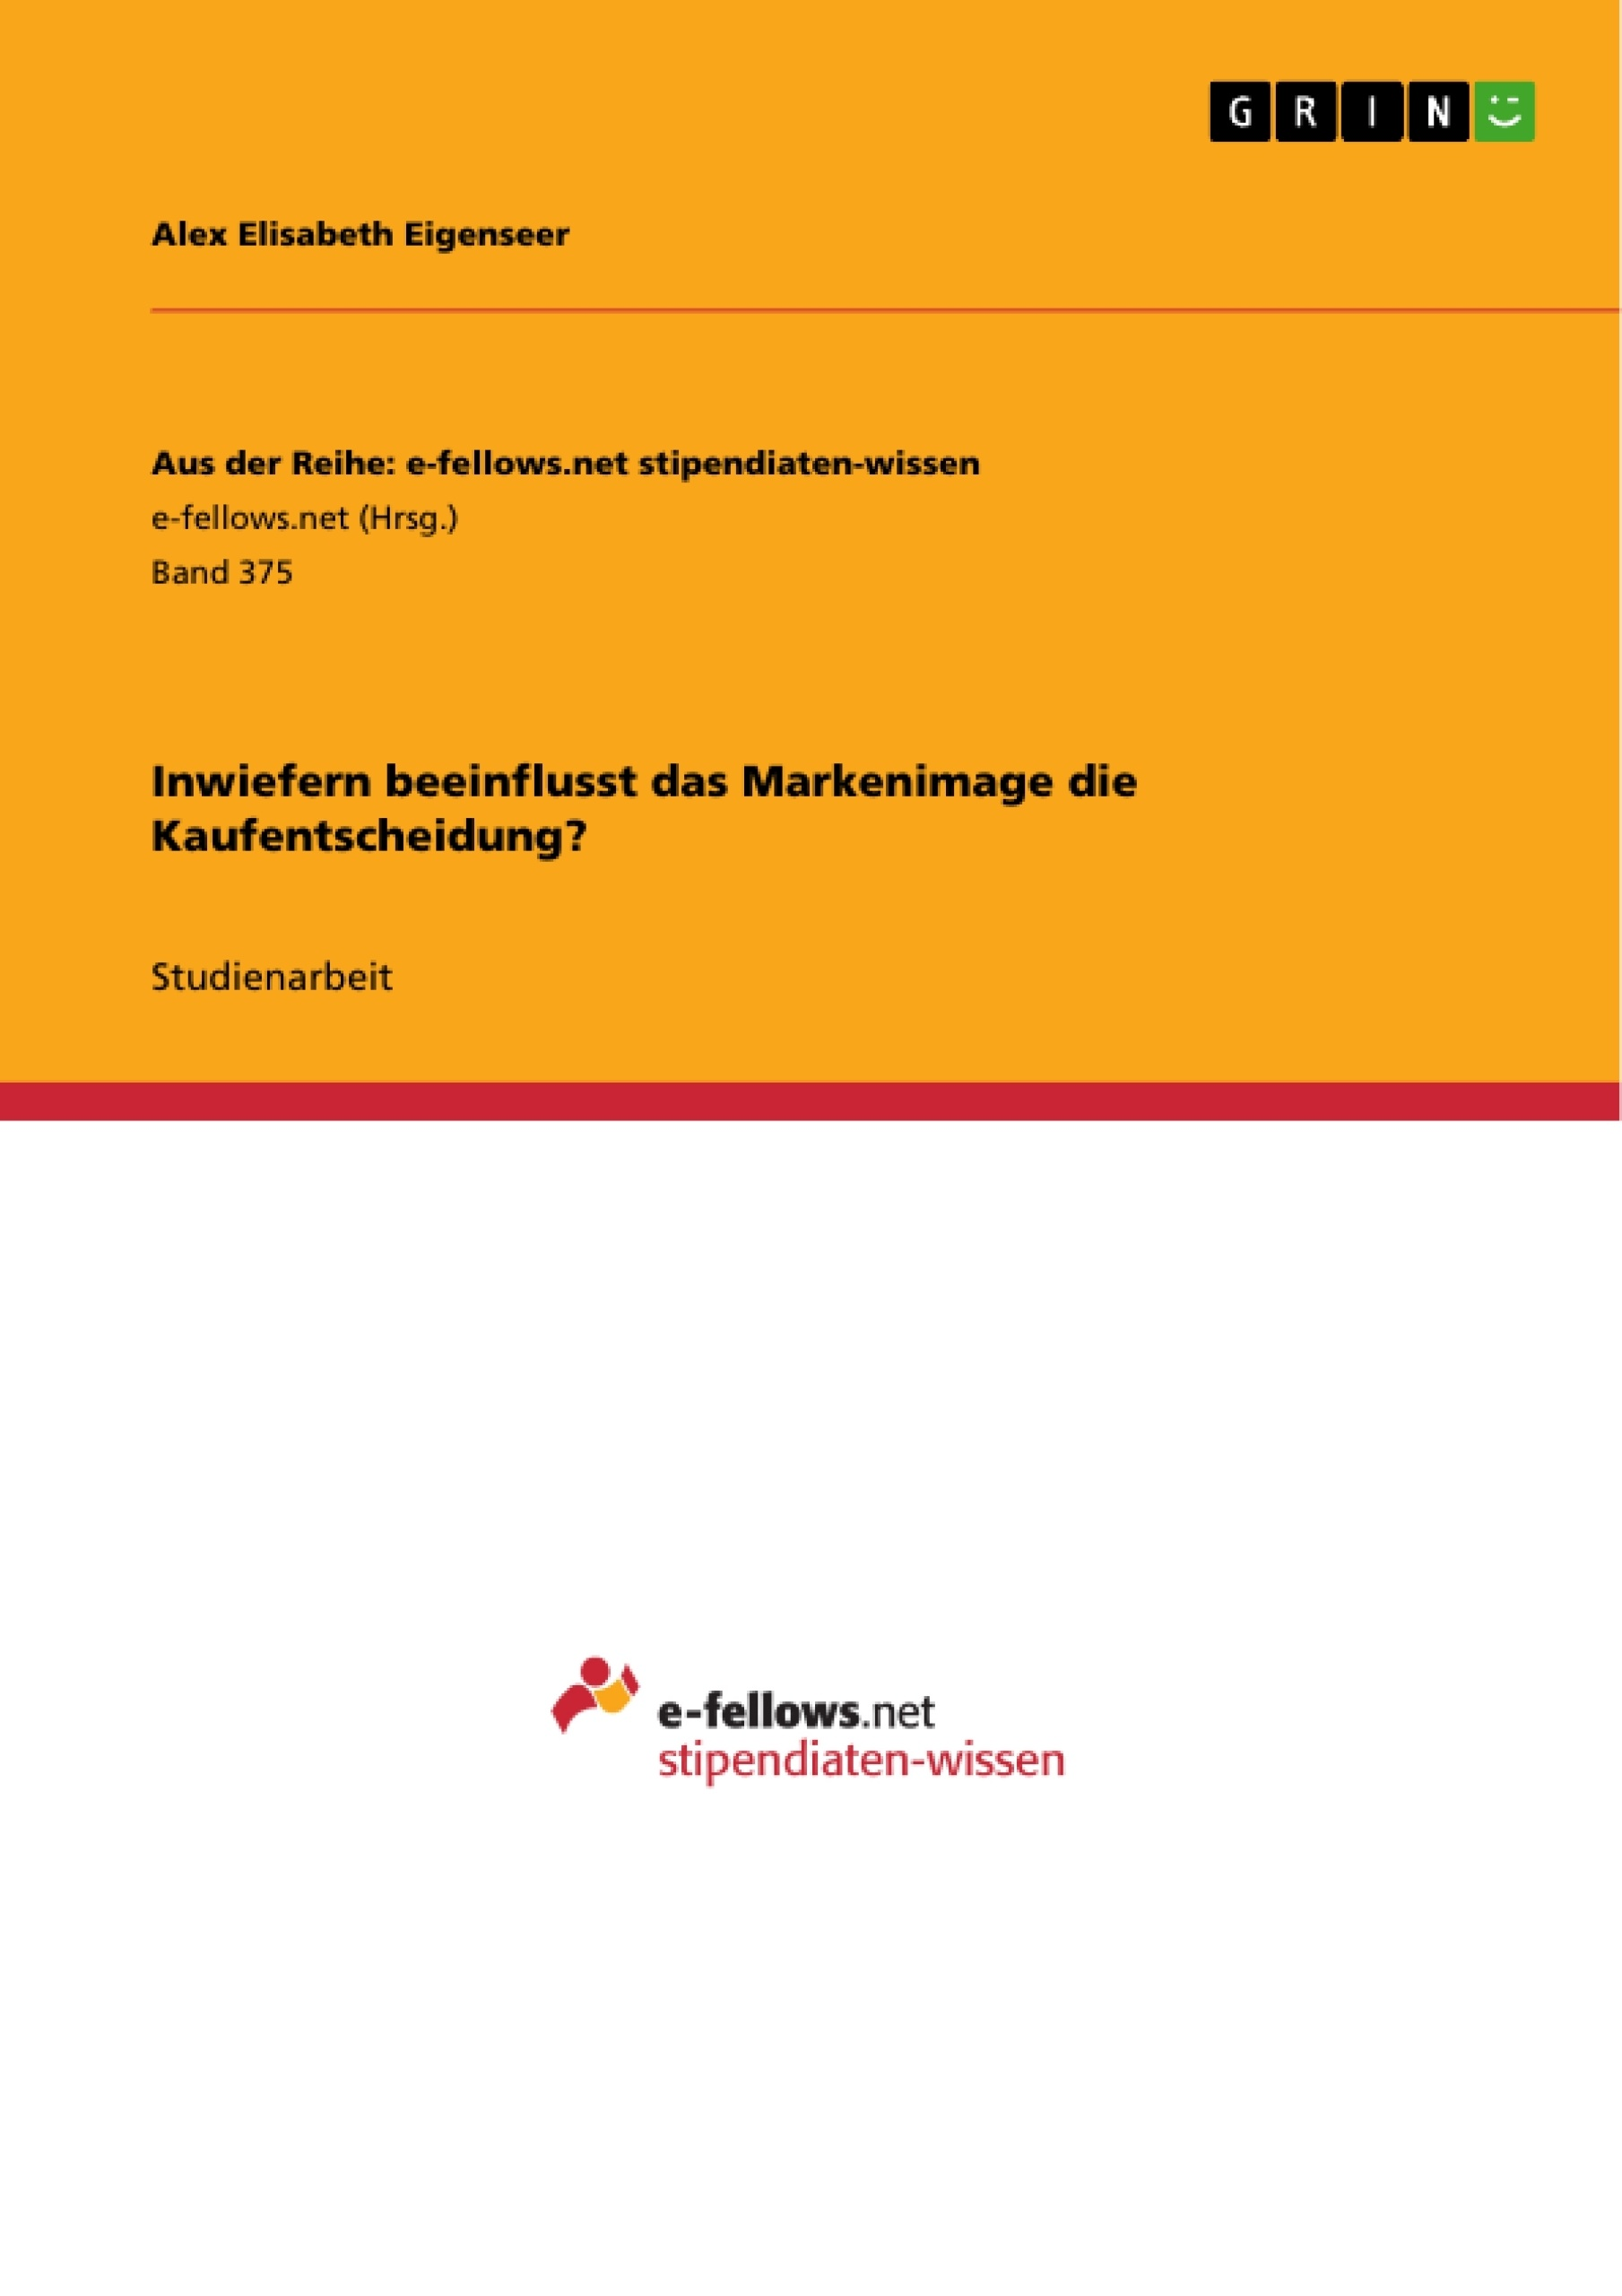 Titel: Inwiefern beeinflusst das Markenimage die Kaufentscheidung?